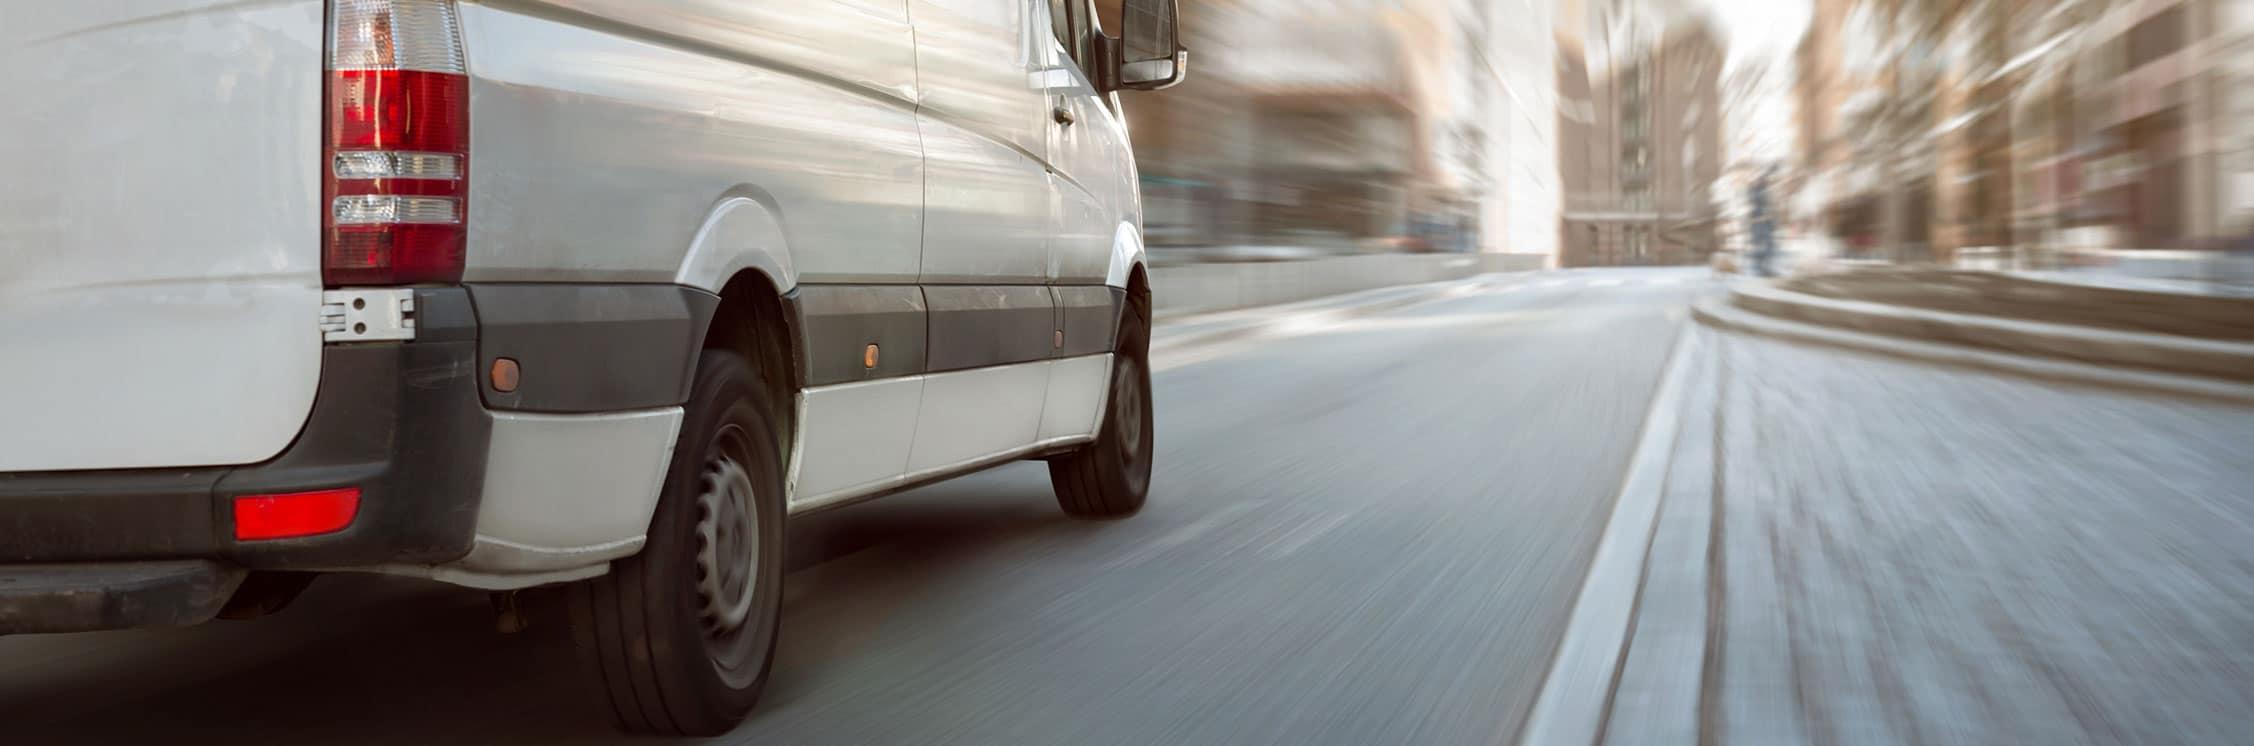 Financement véhicules professionnels Toulouse